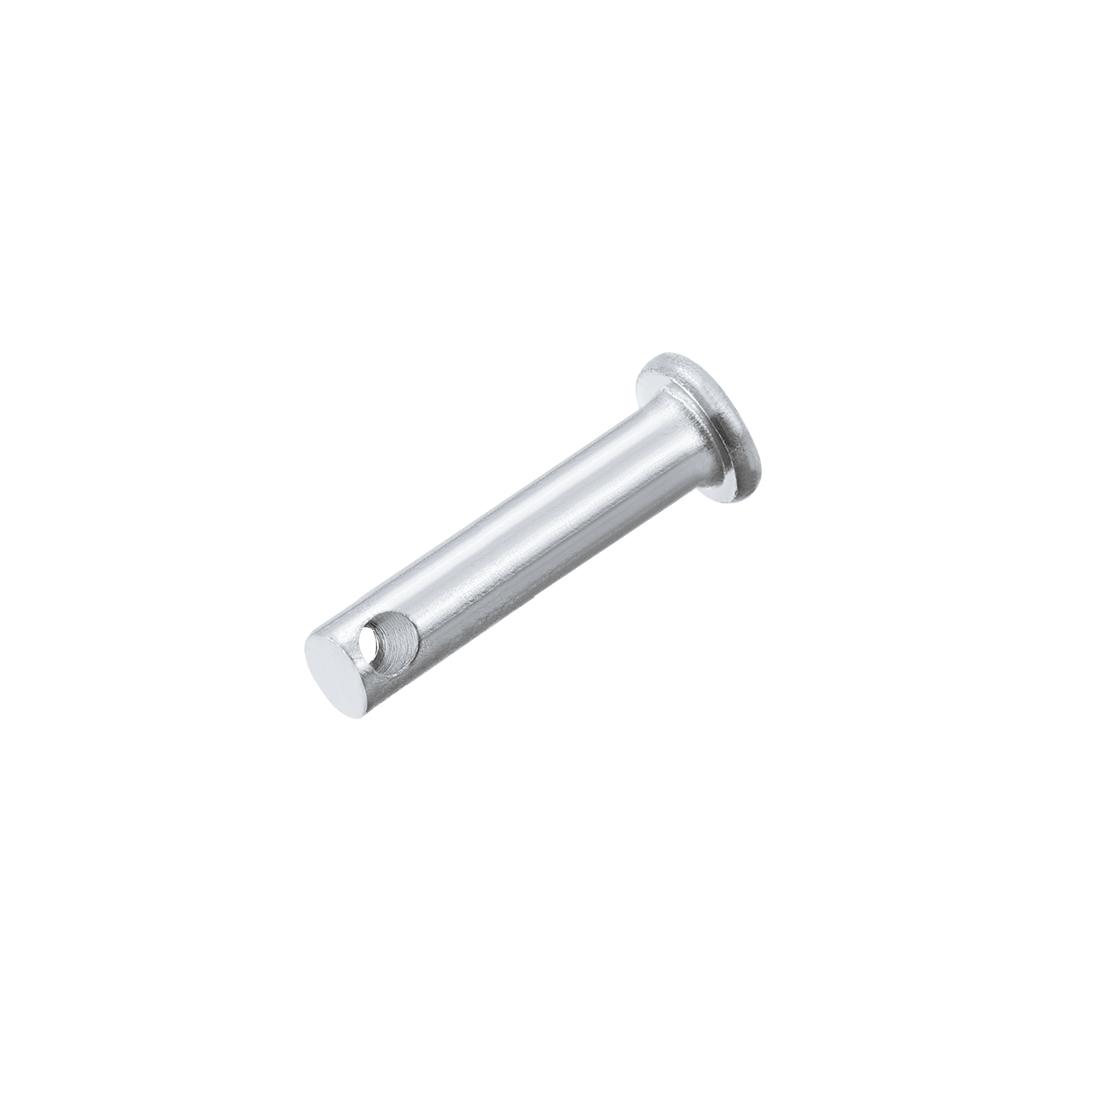 Single Hole Clevis Pins 5mm x 25mm Flat Head Zinc-Plating Solid Steel Pin 20Pcs